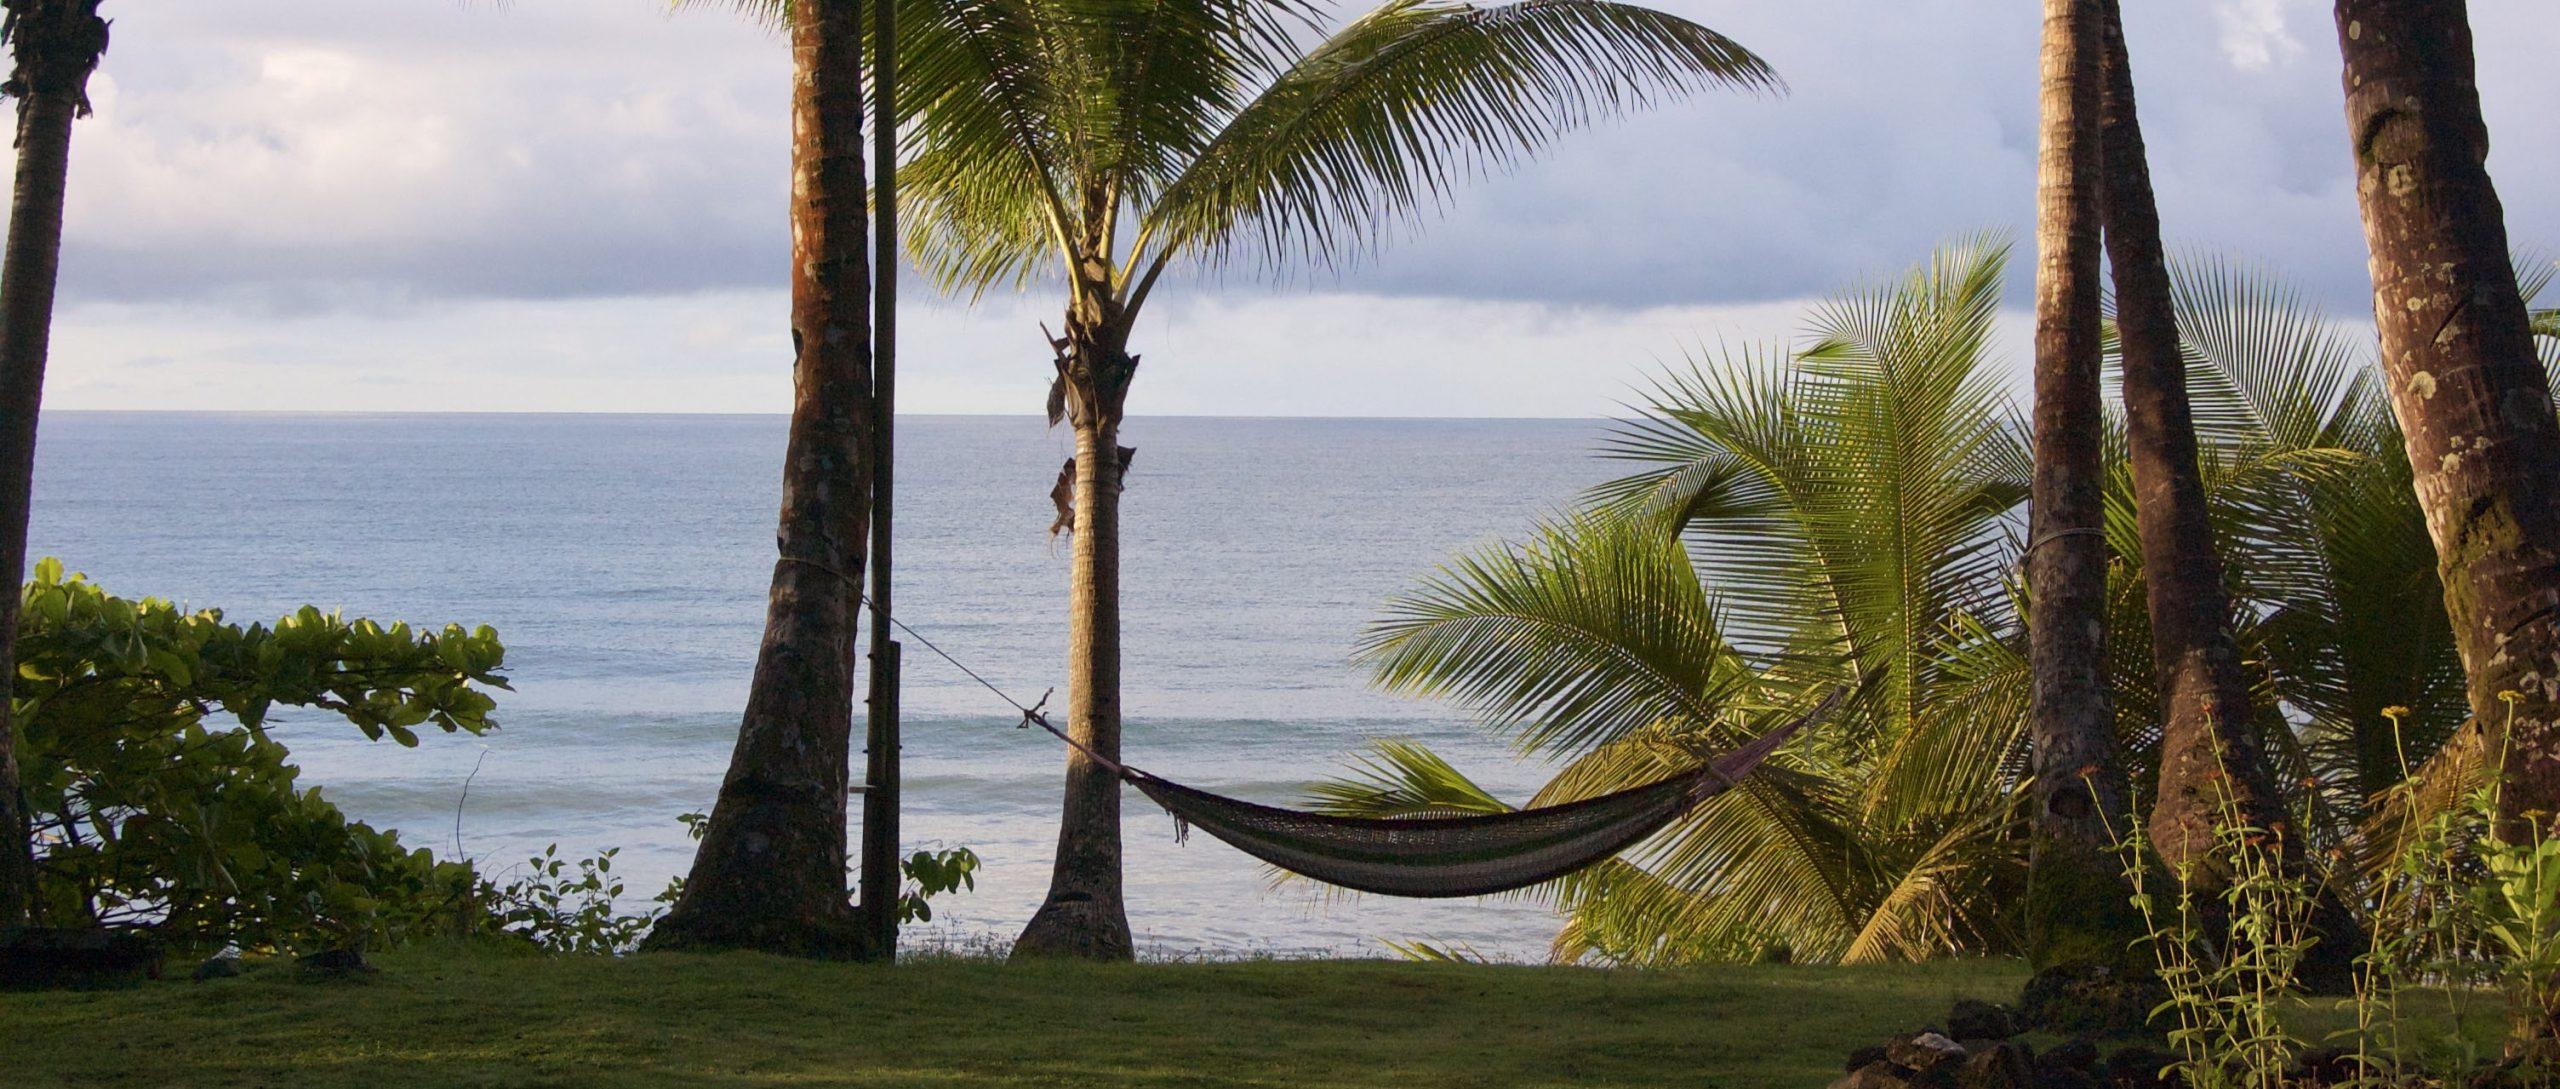 Hangmat tussen palmbomen